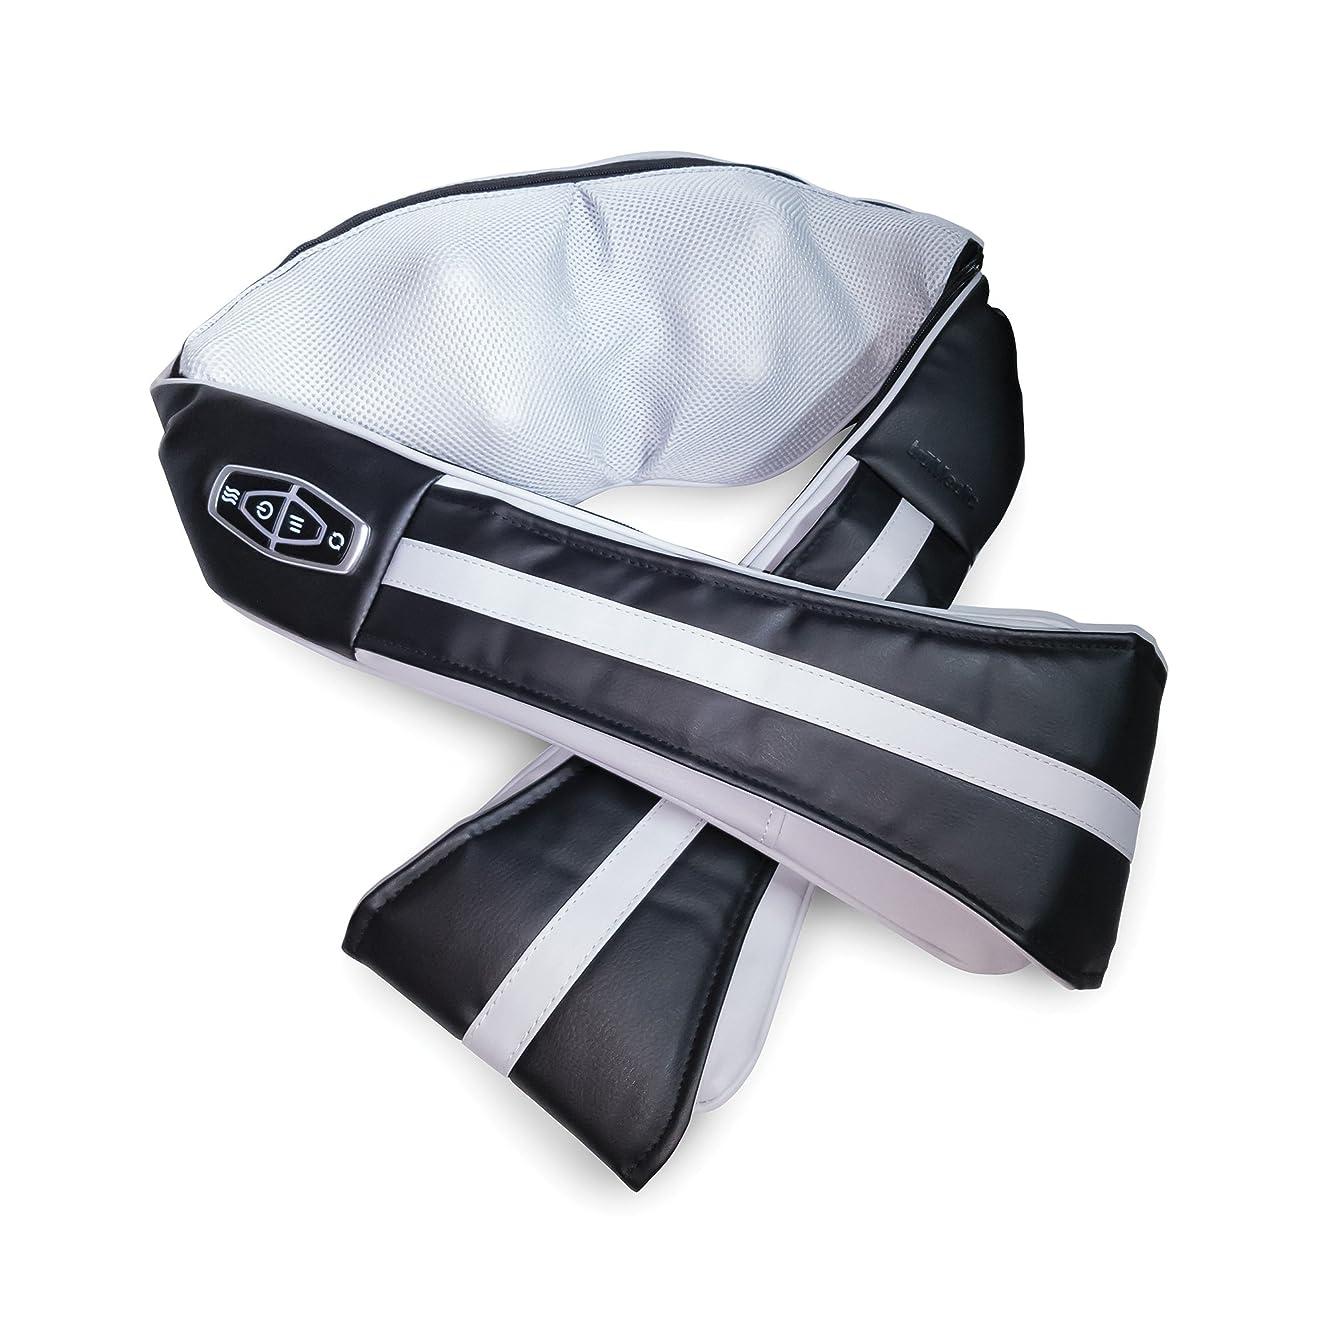 生息地ギャング本質的ではないInstaShiatsu+ Neck, Shoulder & Full Body Massager with Heat, Model # IS-3000PRO, 3 Massage Speeds, Cordless & Rechargeable, Use at Home & Office, by TruMedic 141[並行輸入]